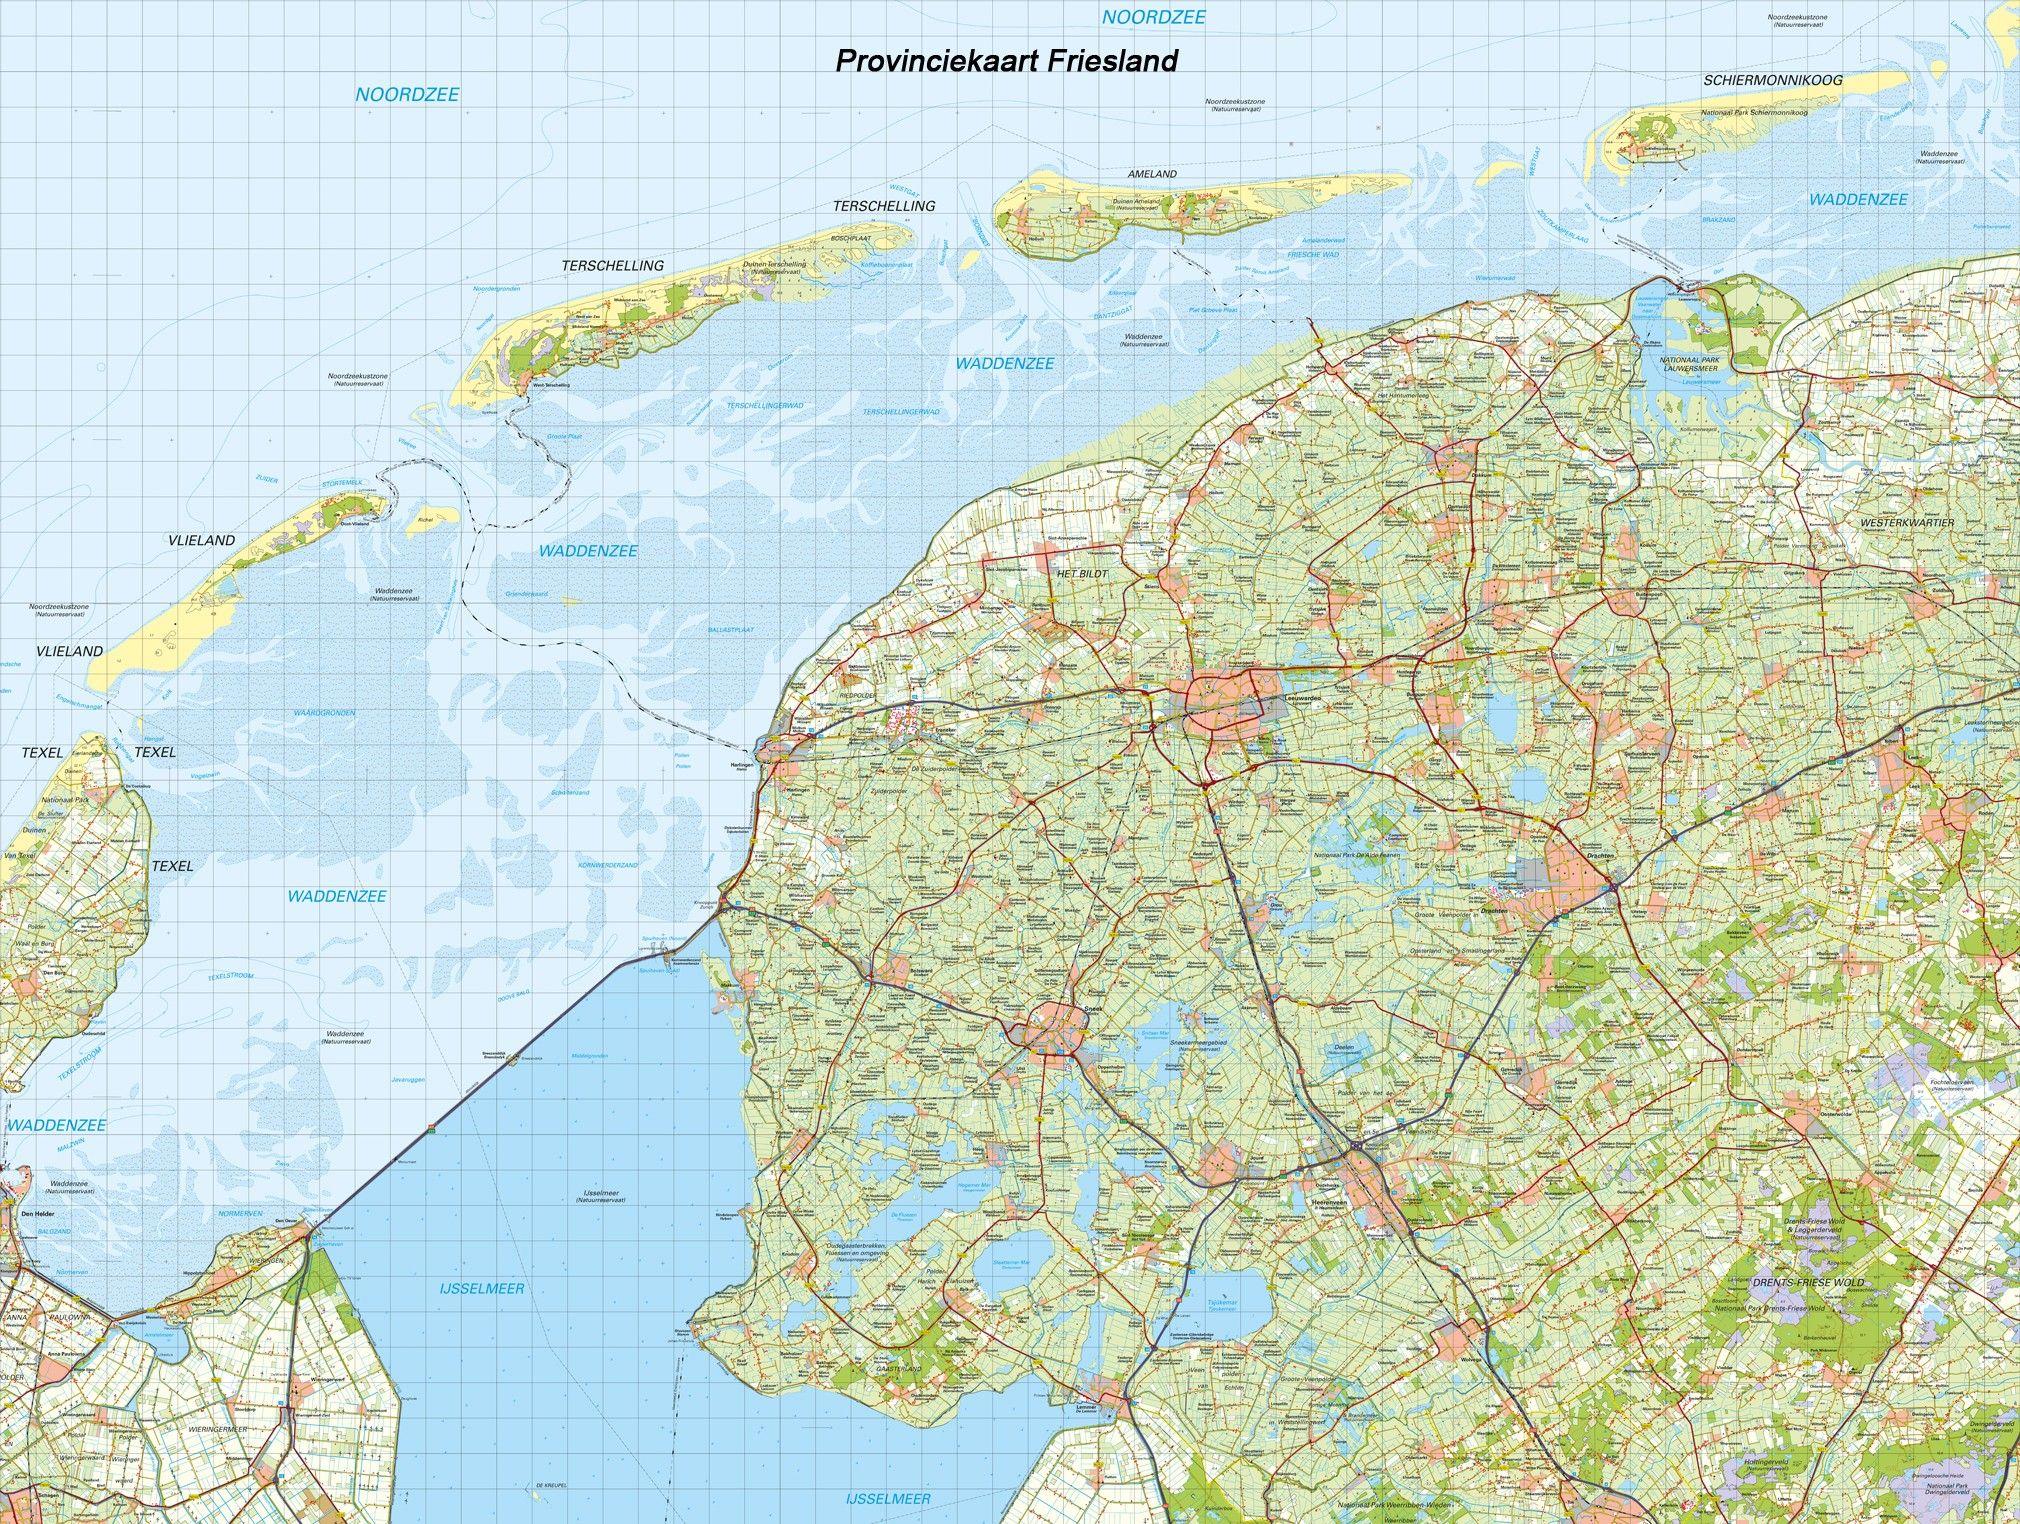 Digitale Provinciekaart Friesland 1:100.000